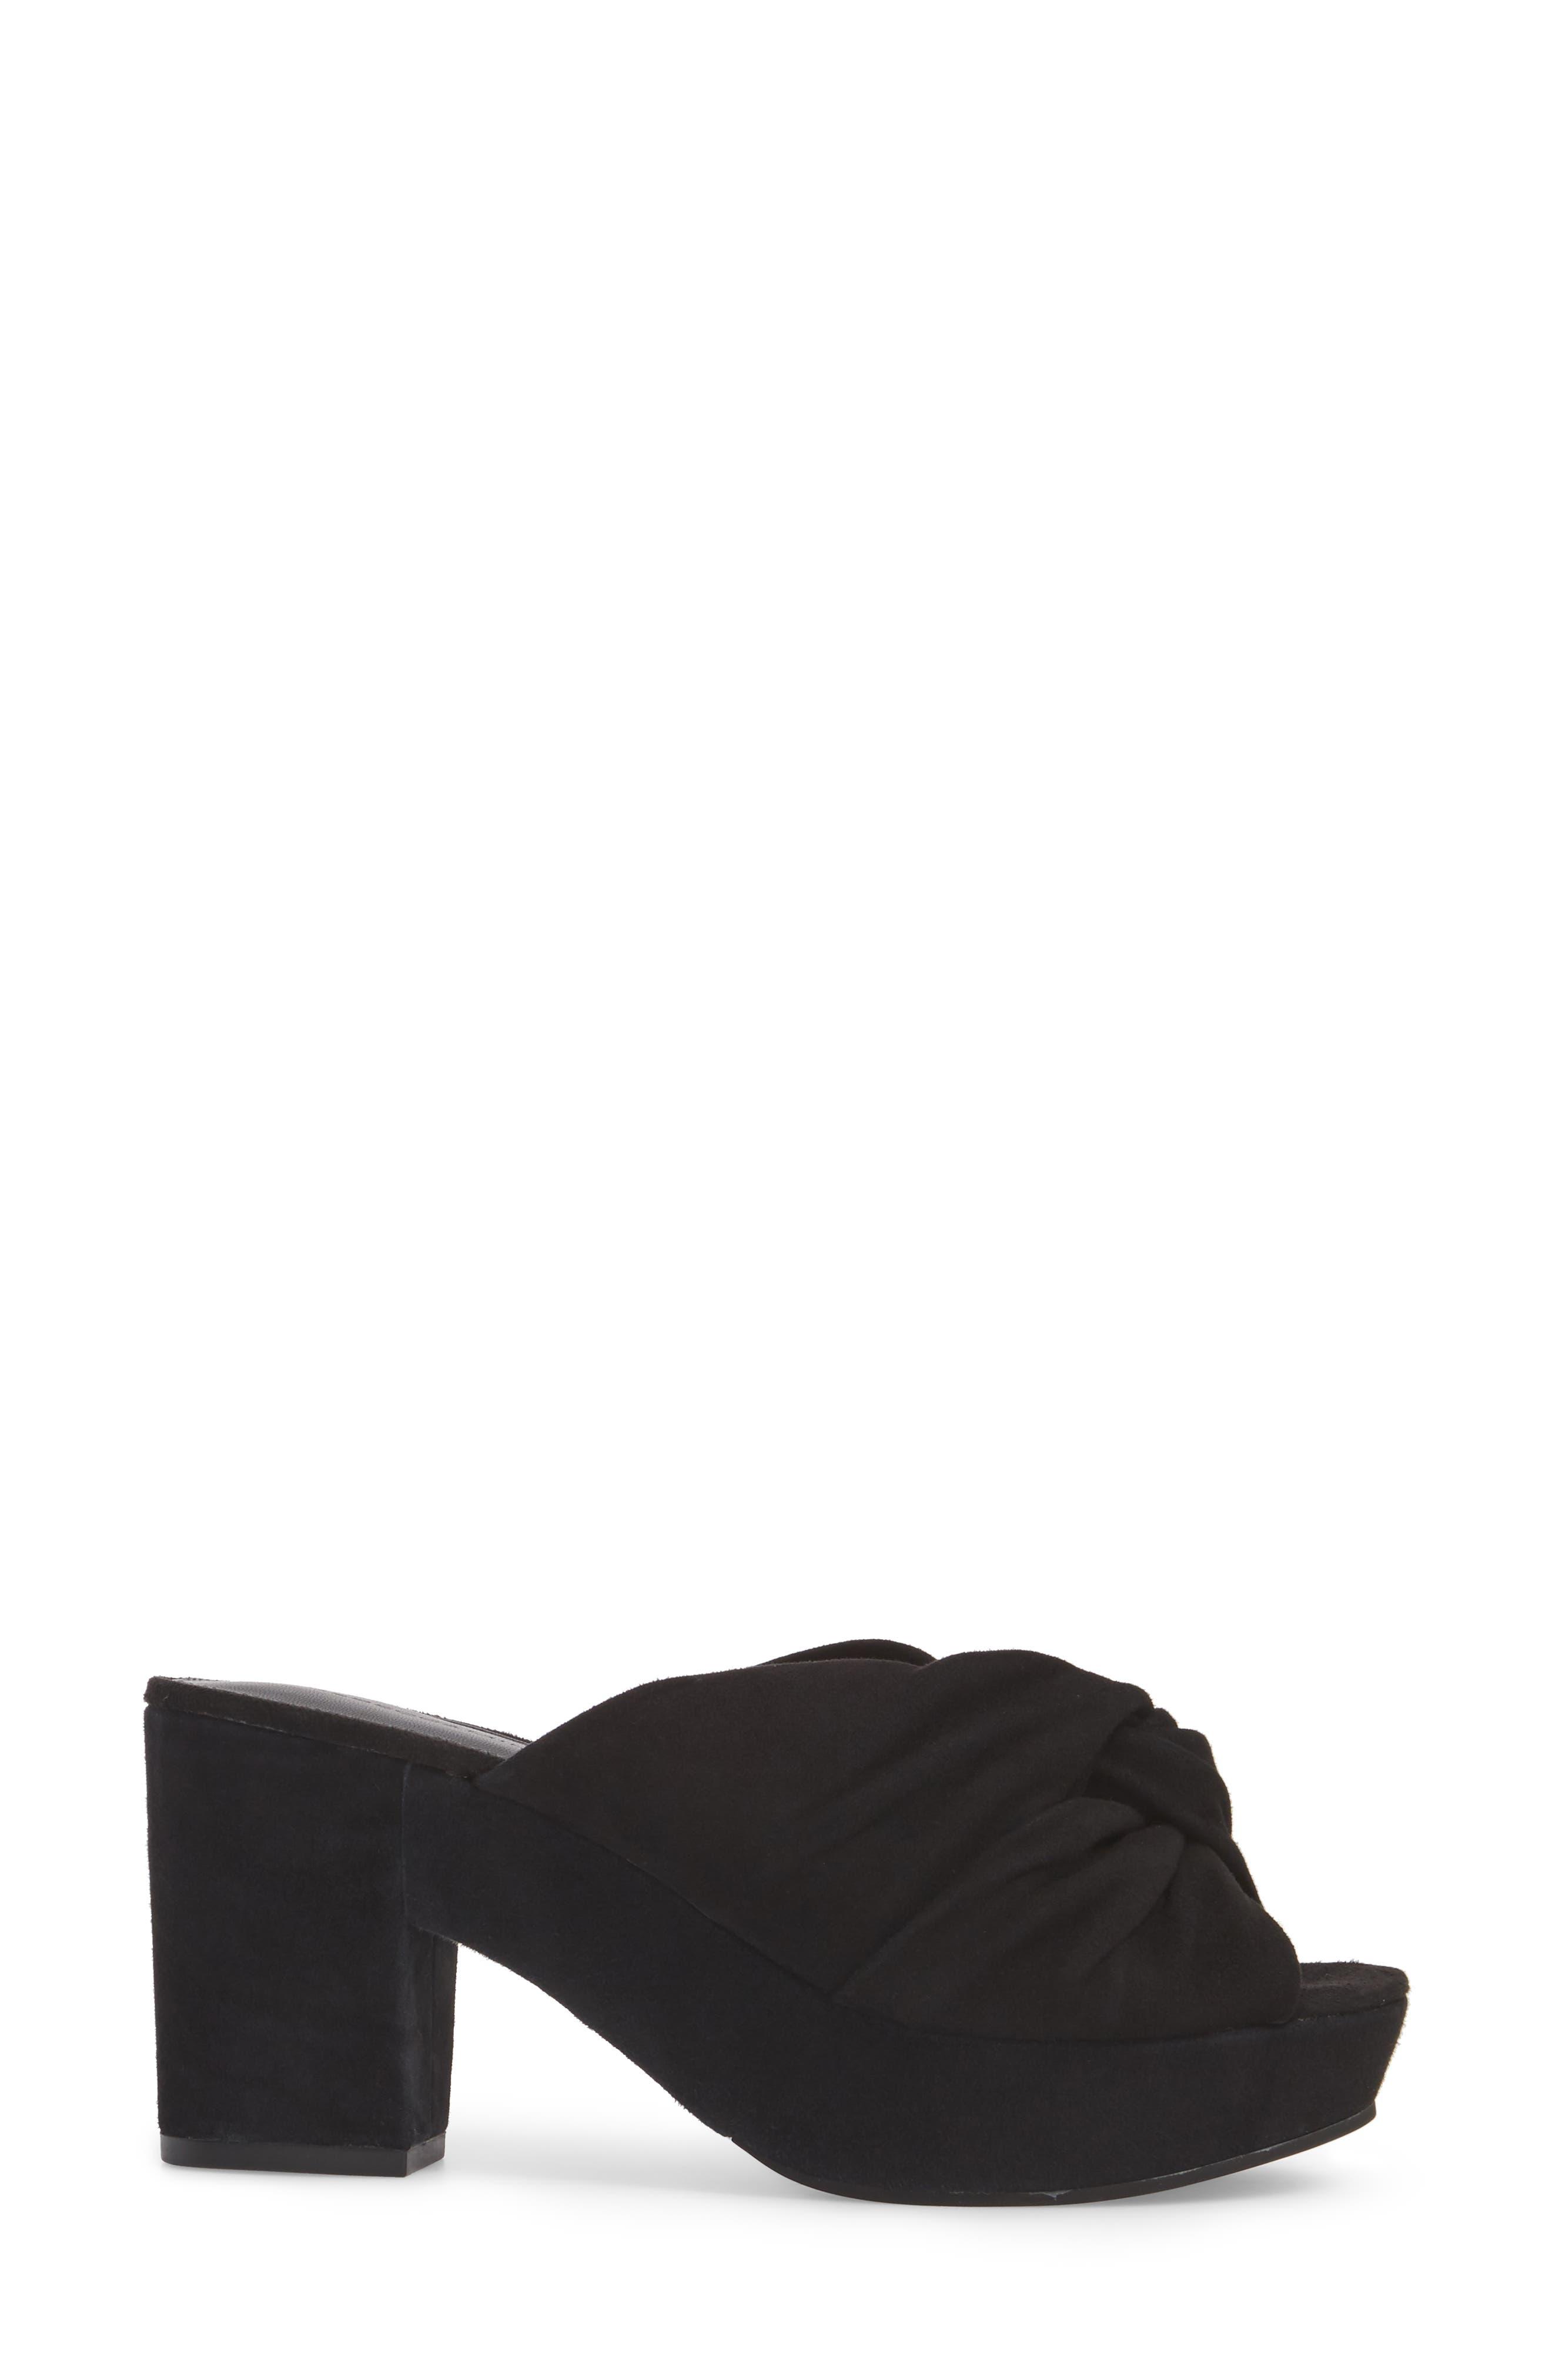 Jaden Slide Sandal,                             Alternate thumbnail 3, color,                             Black Satin